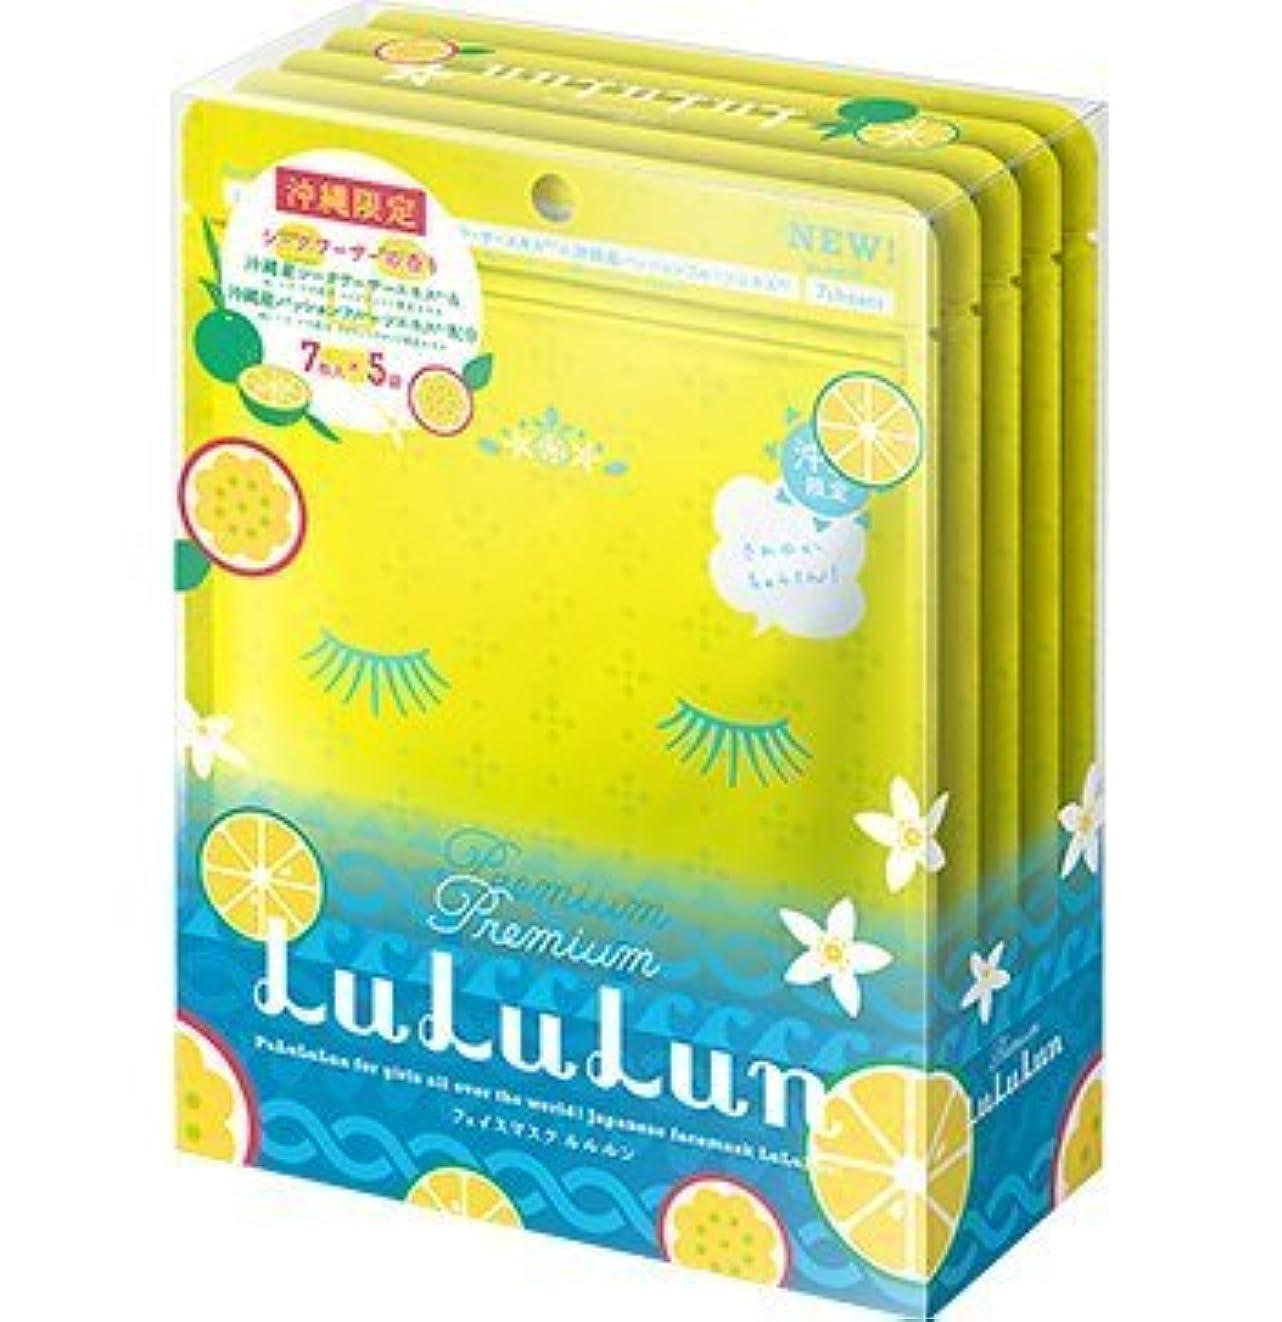 樫の木明確なグレートオーク沖縄限定 沖縄プレミアム ルルルン LuLuLun フェイスマスク シークワーサーの香り 7枚入り×5袋